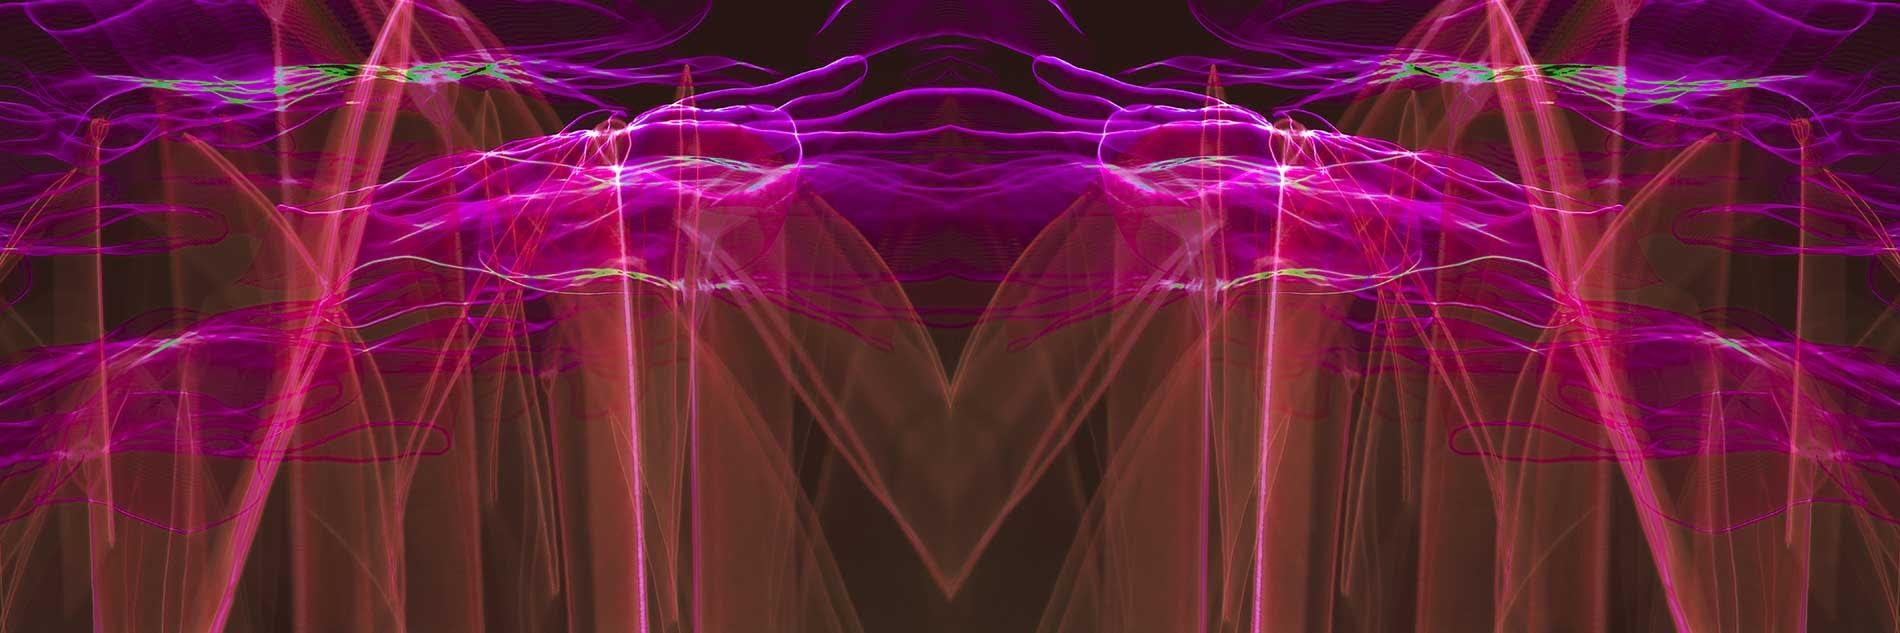 holy lichtblueten-magenta